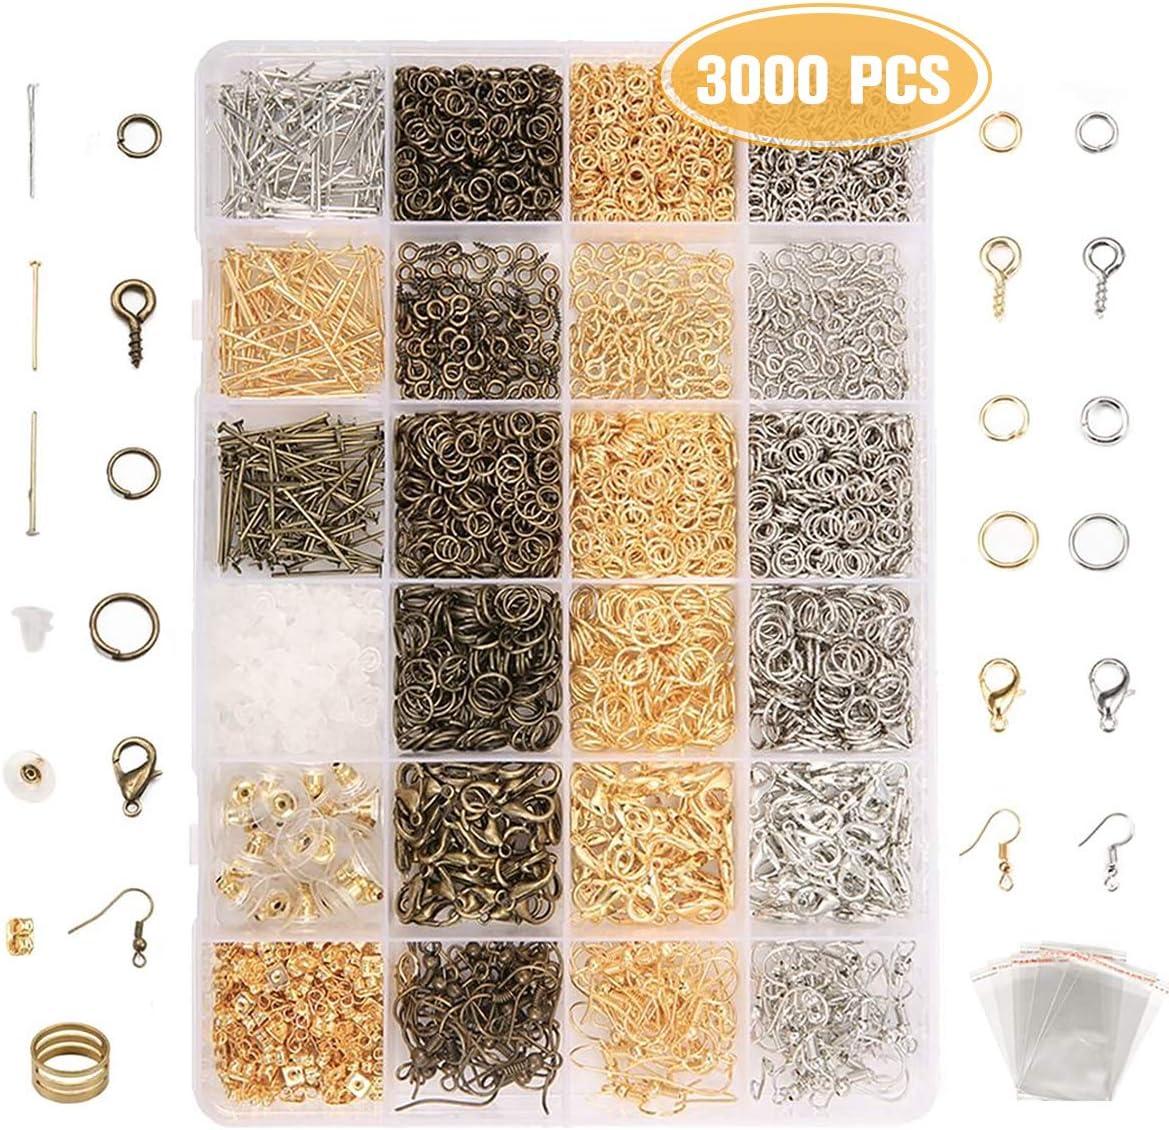 Jeteven DIY Kit de Pulsera Bronces Conjunto con un Algodón Perla Accesorios Pendientes DIY Fabricación de Materiale de Joyeria para Hacer Bisuteria (3000 Pcs)